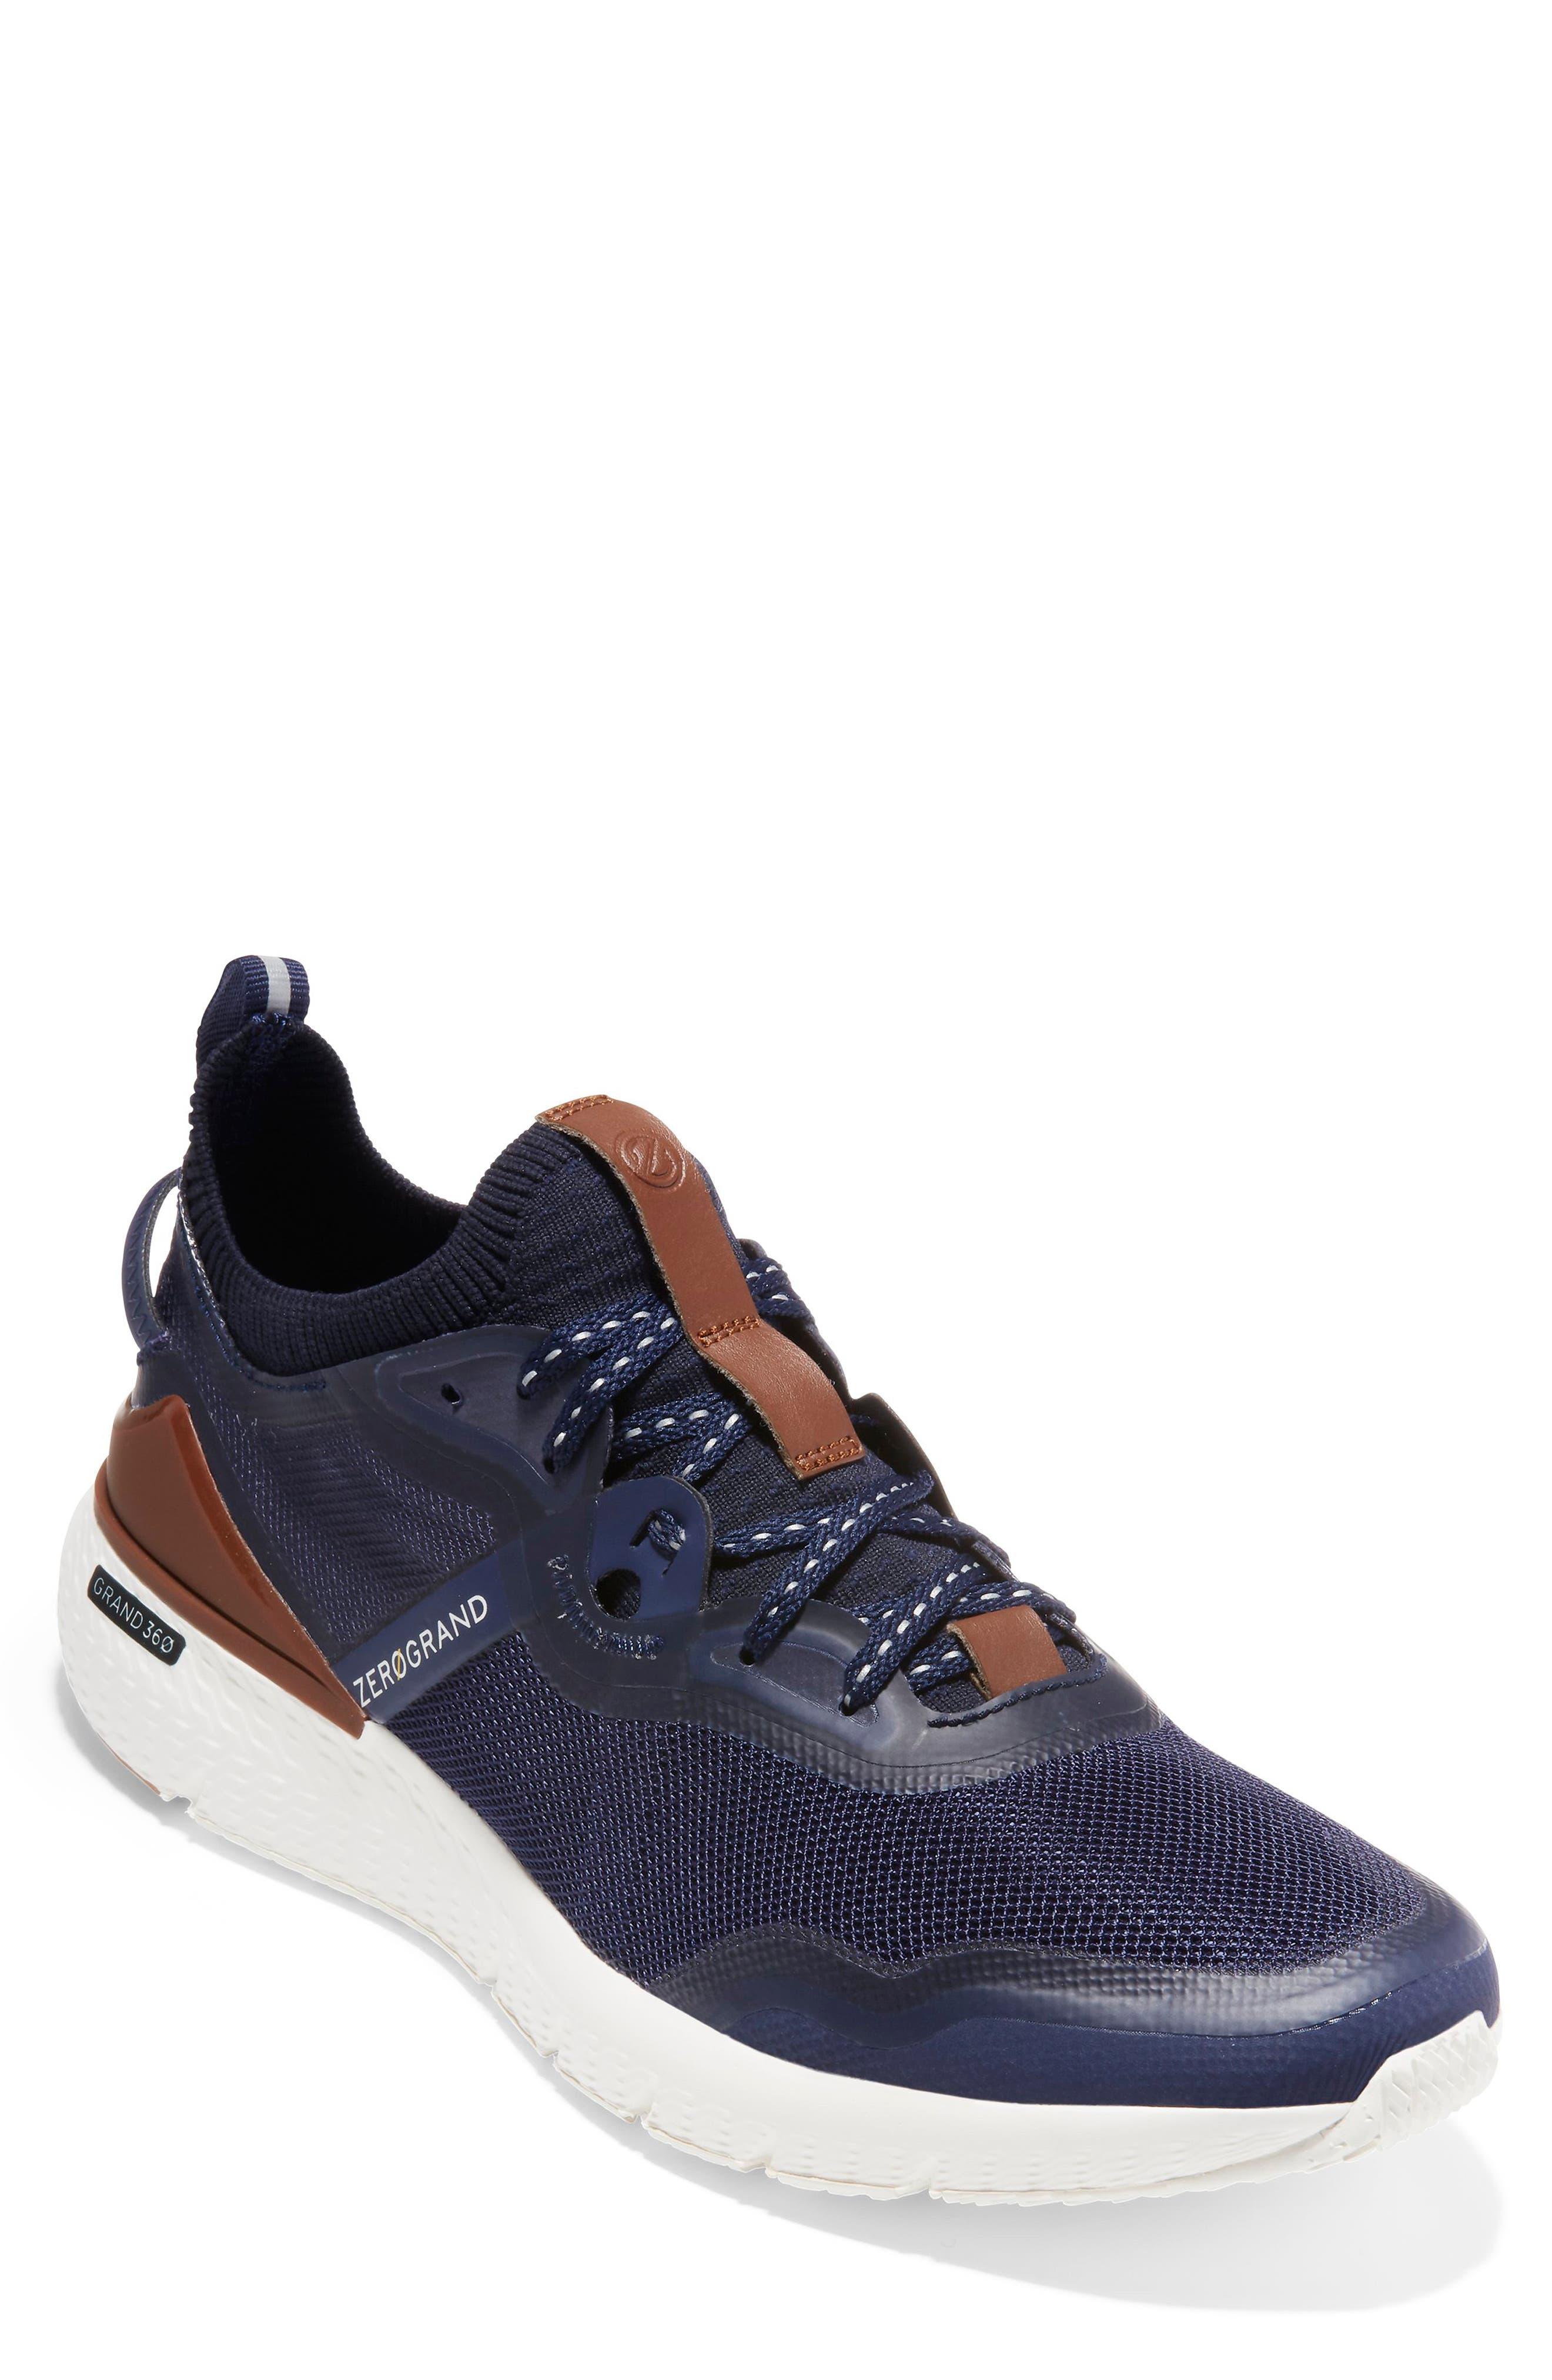 Zerogrand Compete Running Shoe